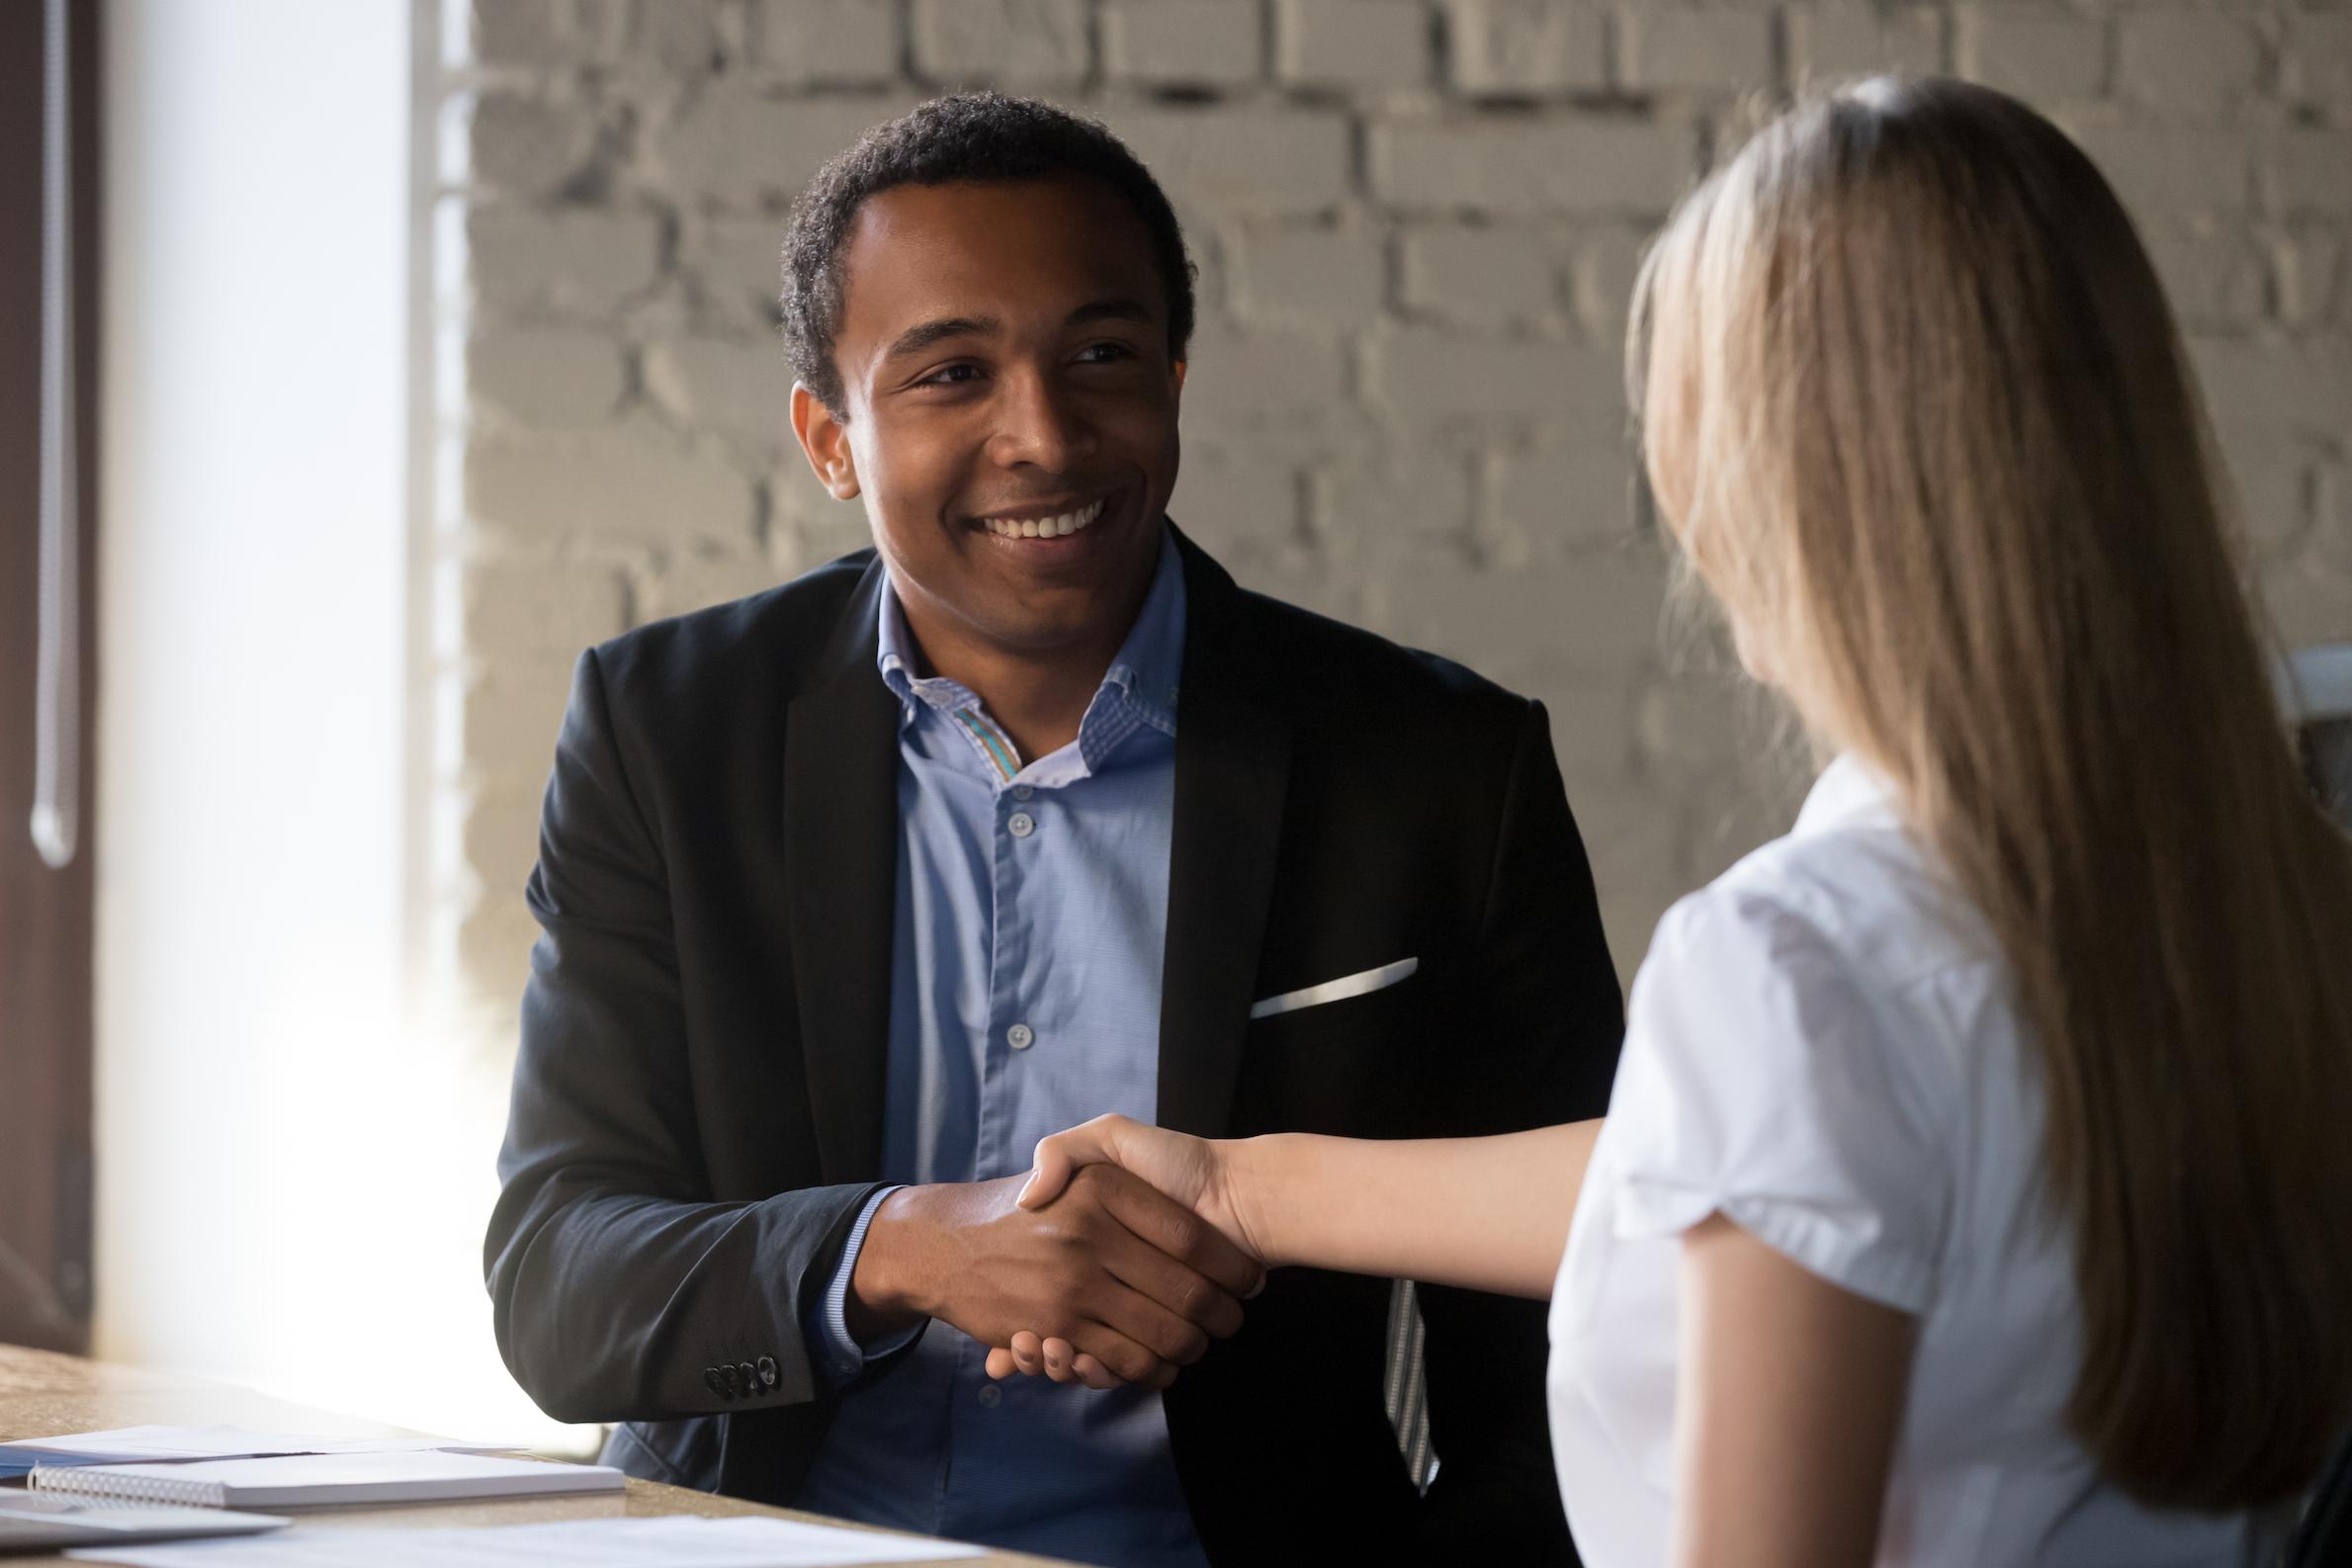 handshake-moving-companies-retain-employees